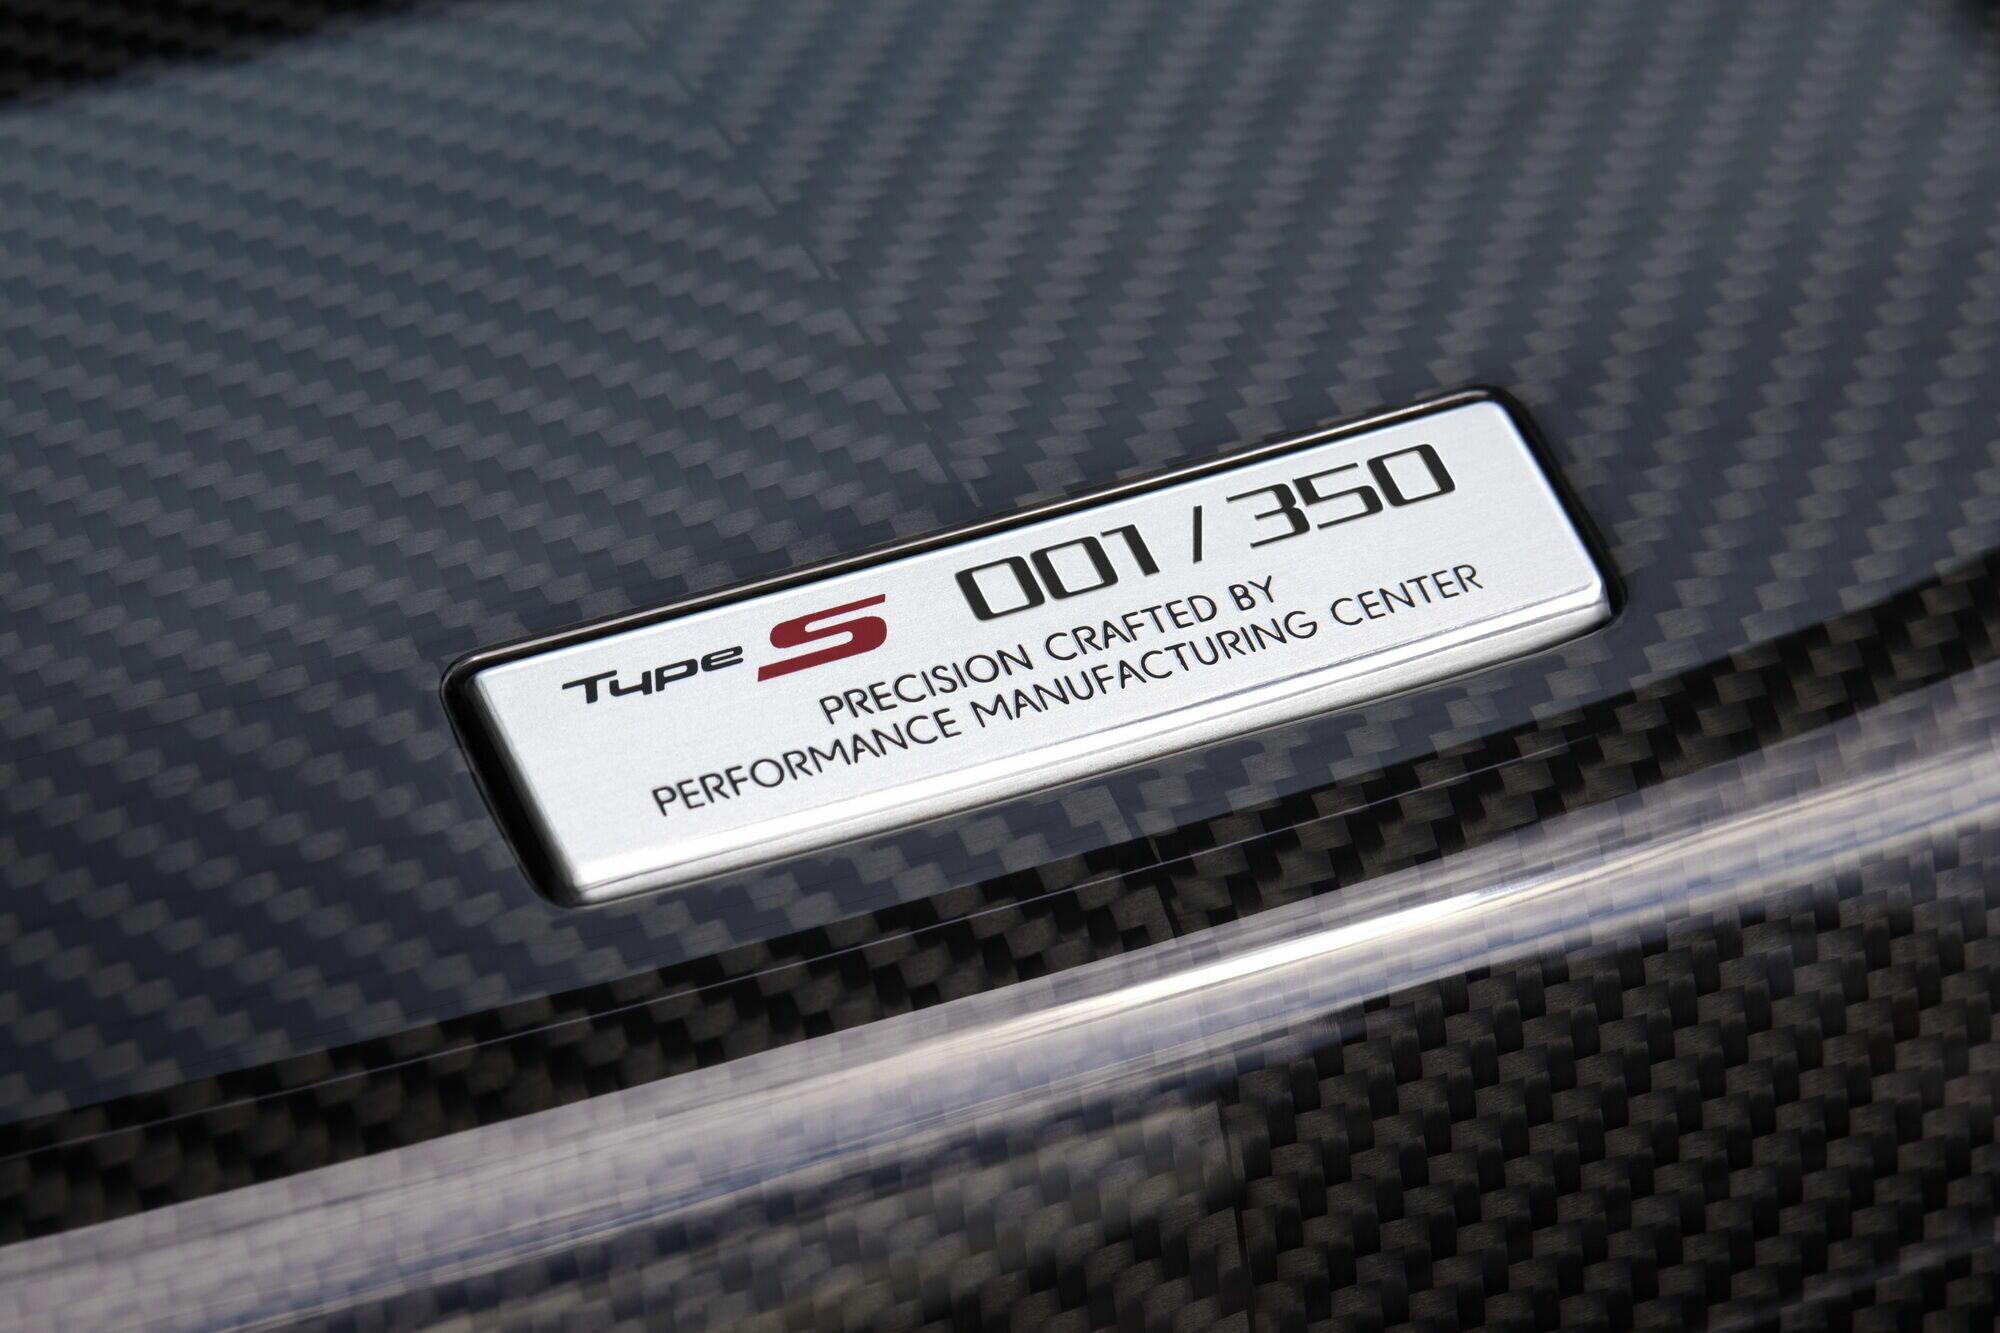 Всего Acura планирует изготовить 350 купе из которых 300 зарезервированы для продажи в США